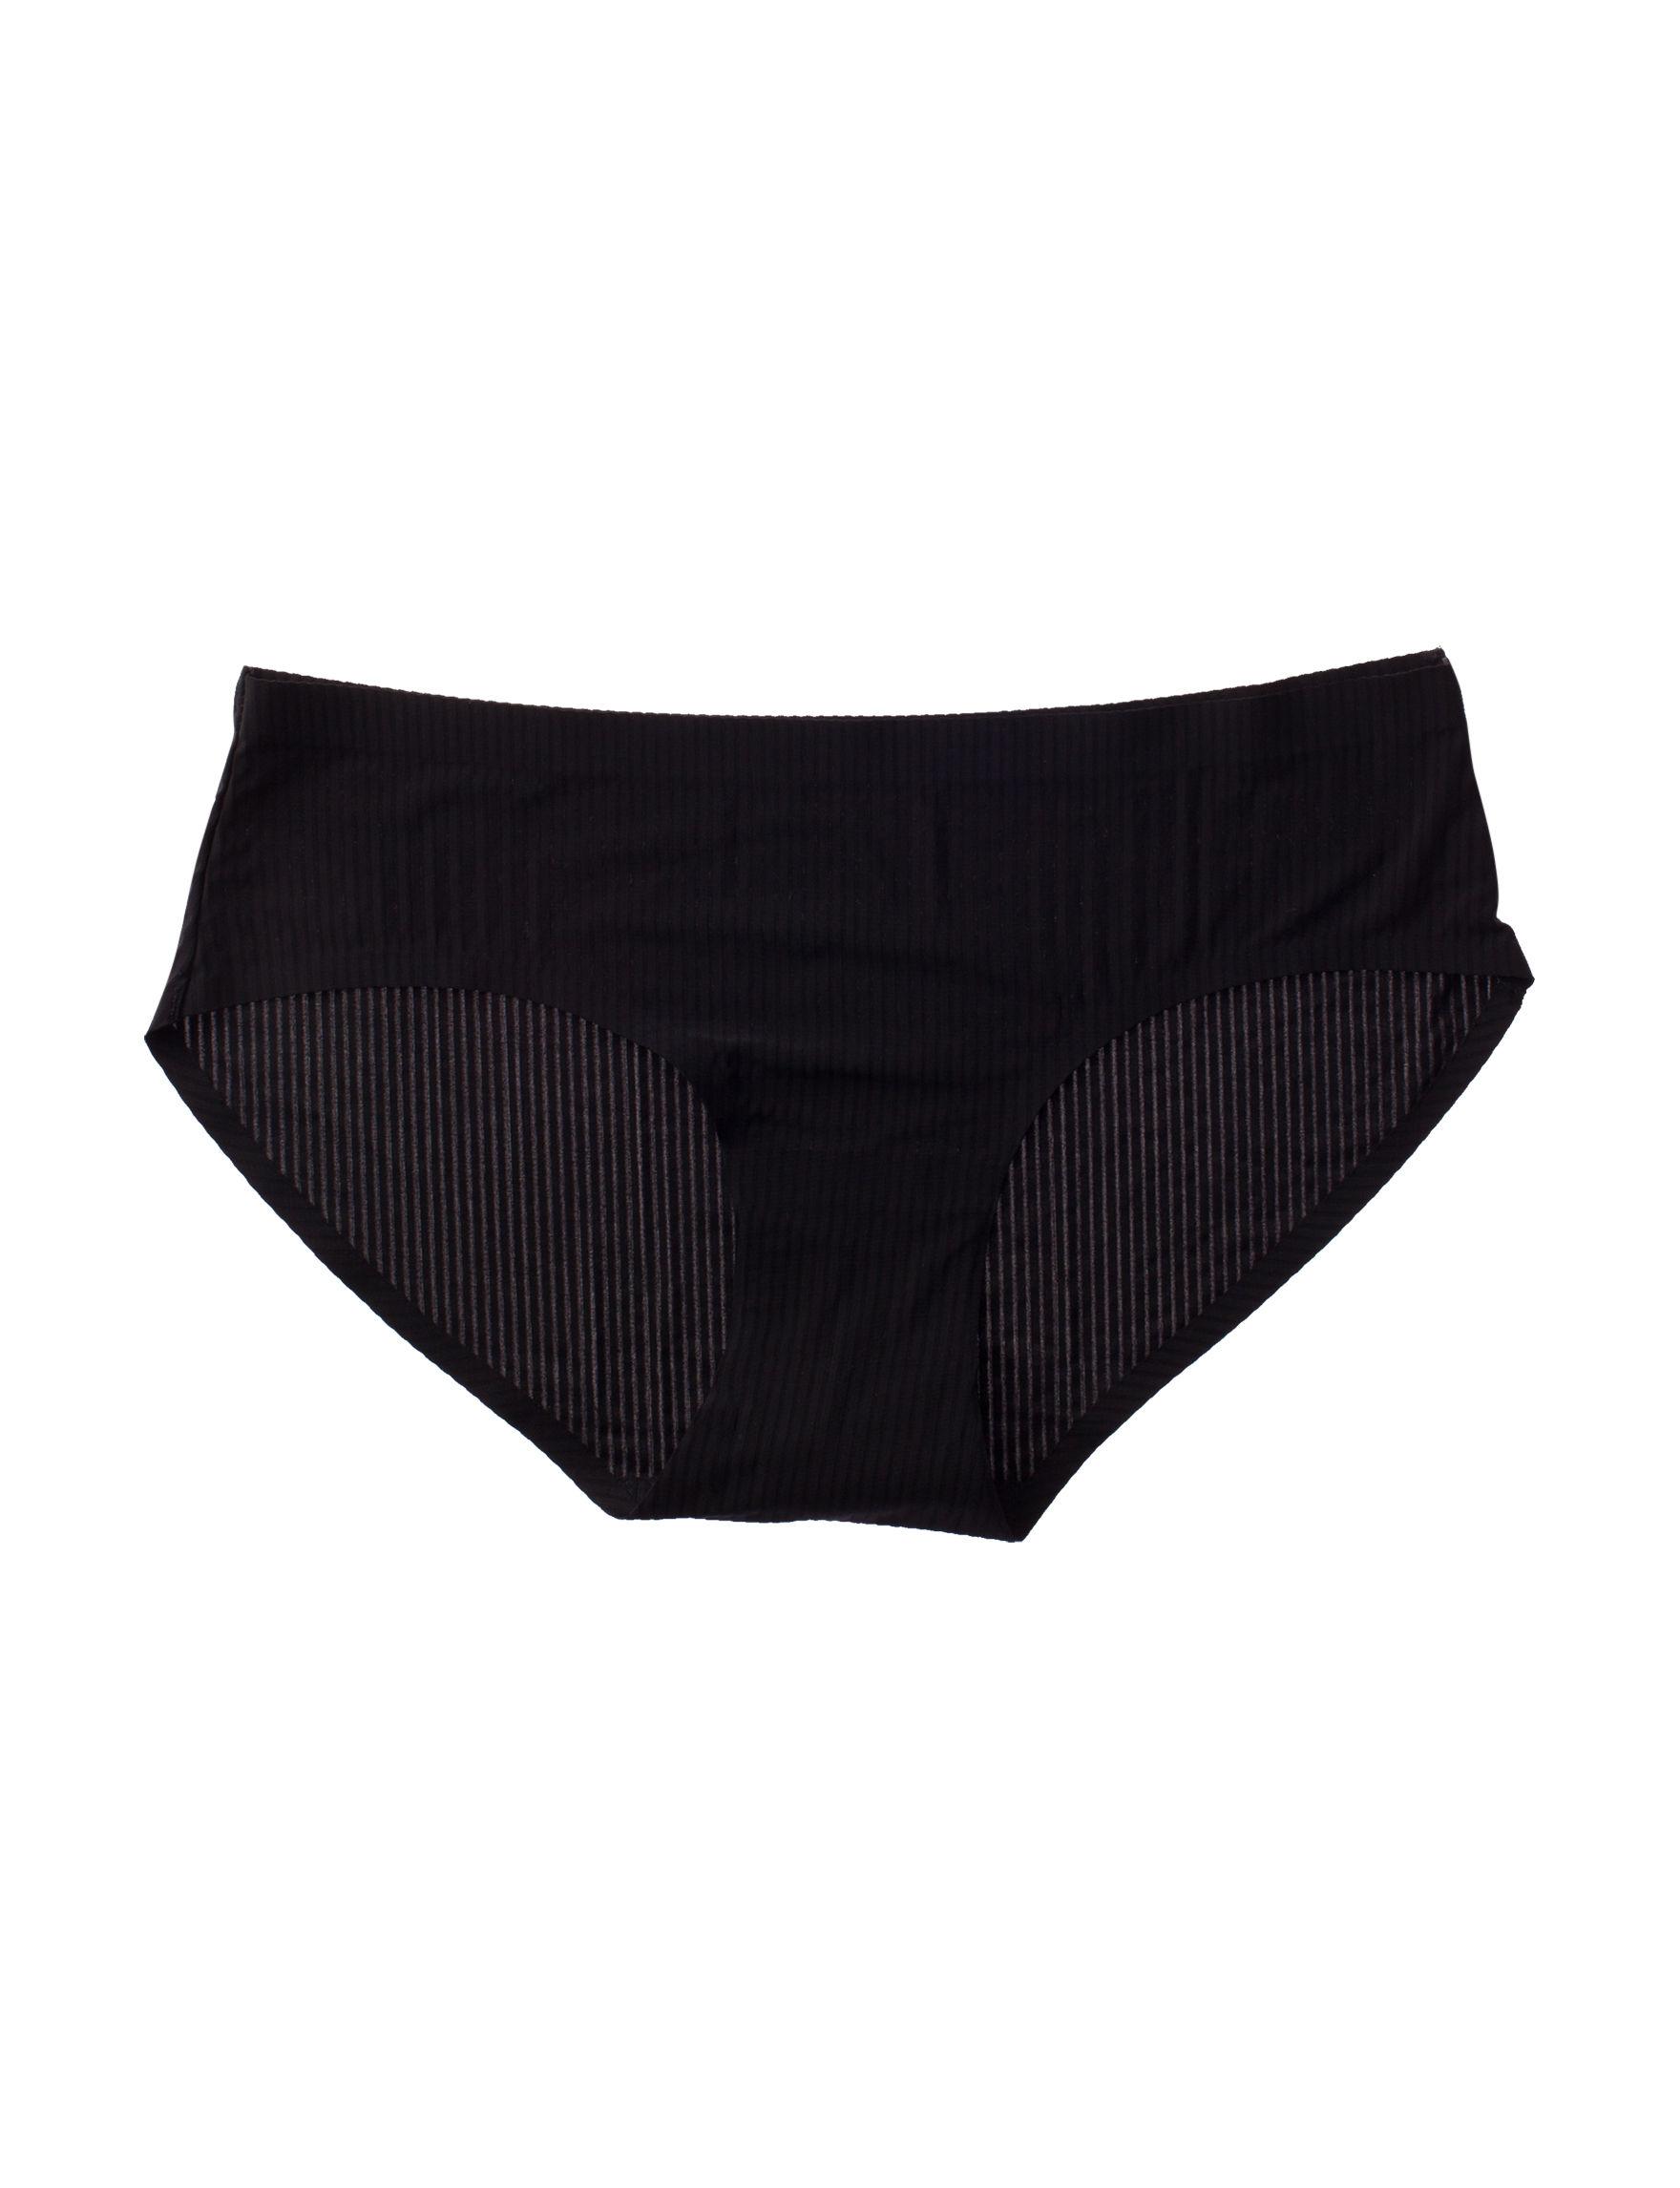 Rene Rofe Black Panties Hipster